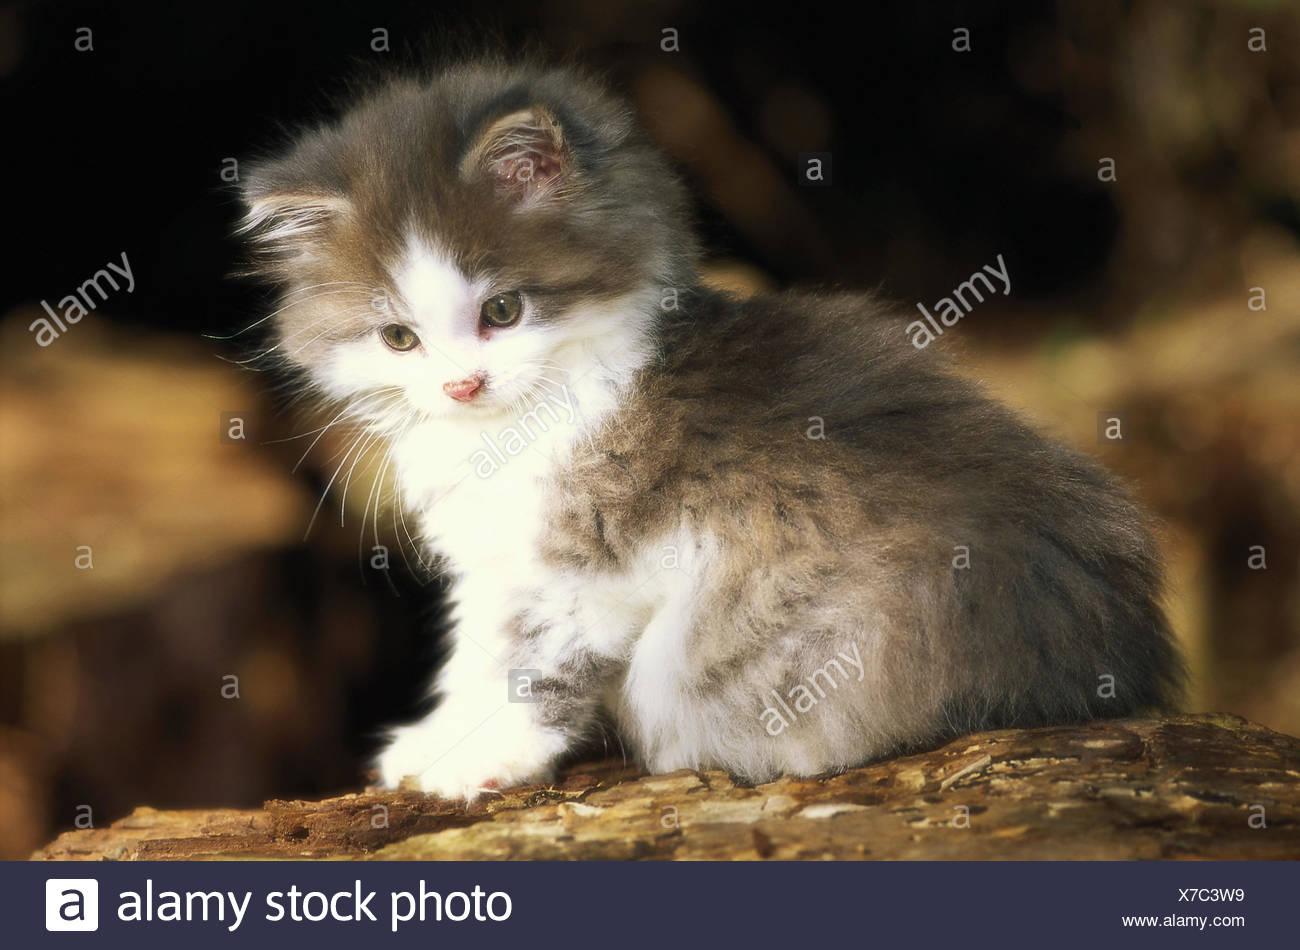 Gatto Razza Gatto A Pelo Lungo Immagini Gatto Razza Gatto A Pelo